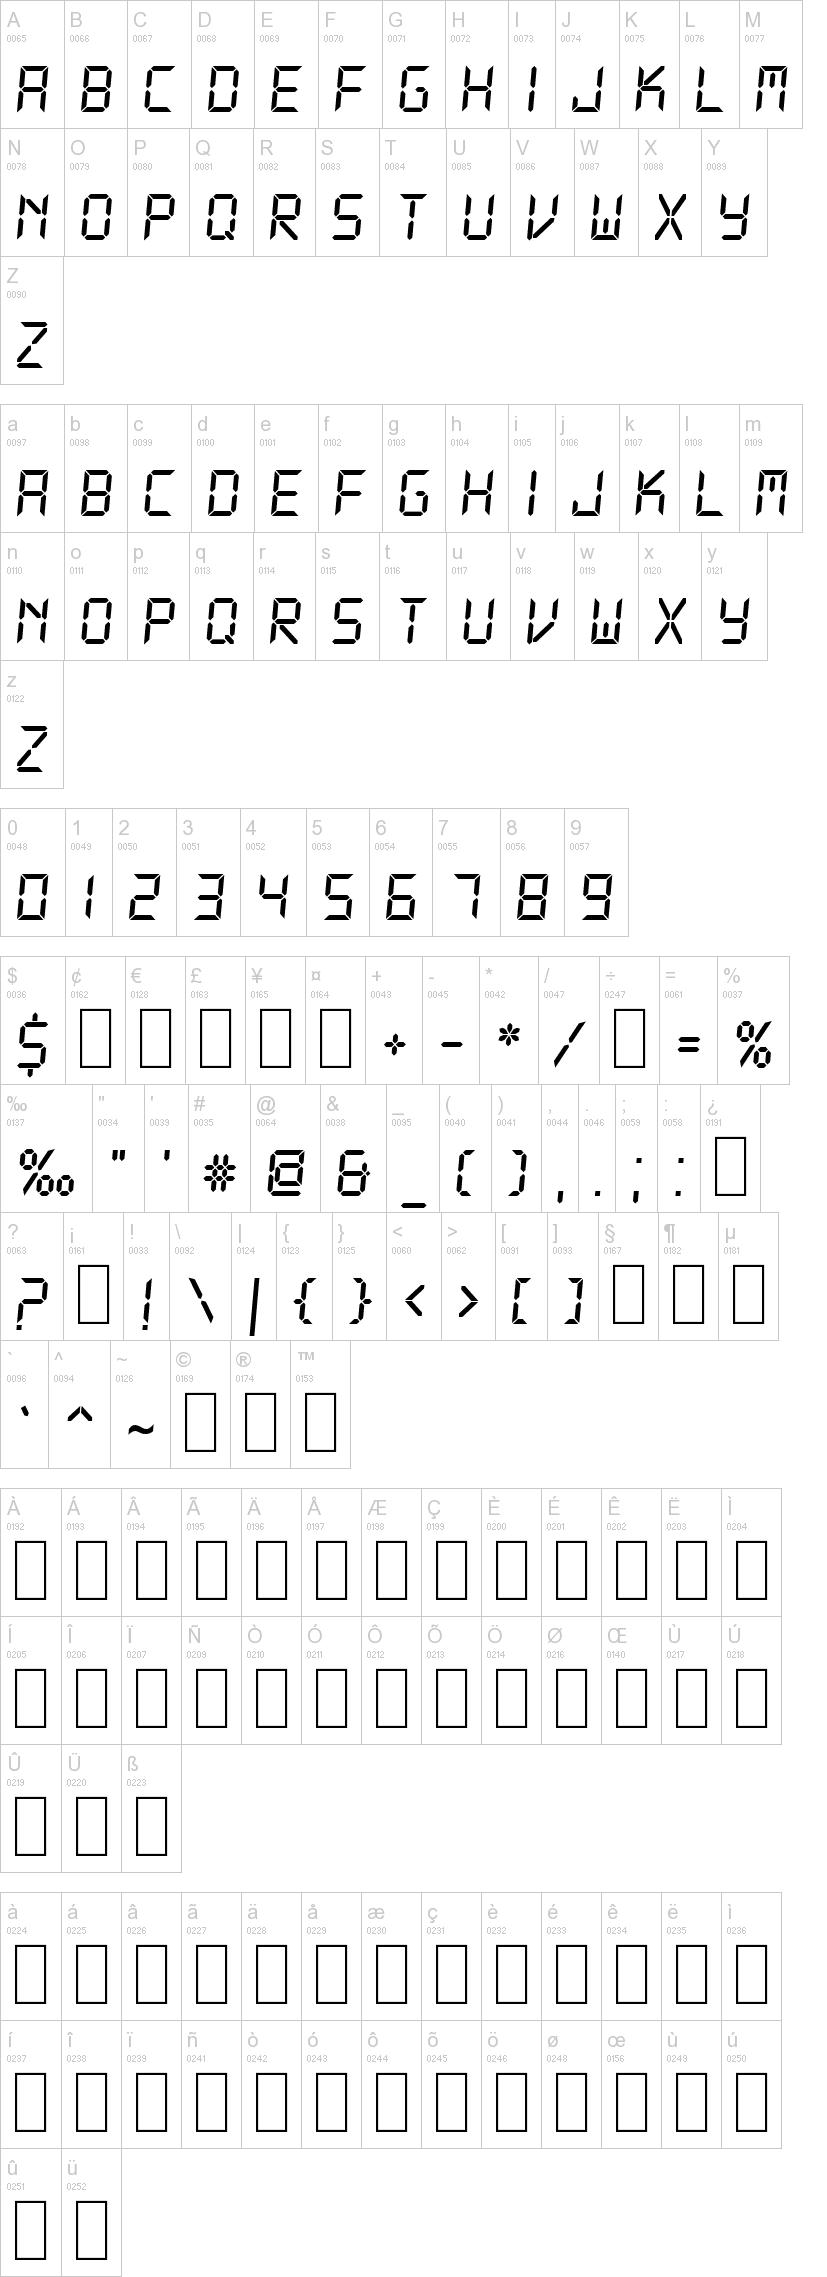 디지털 폰트/전자 계산기 폰트 다운로드